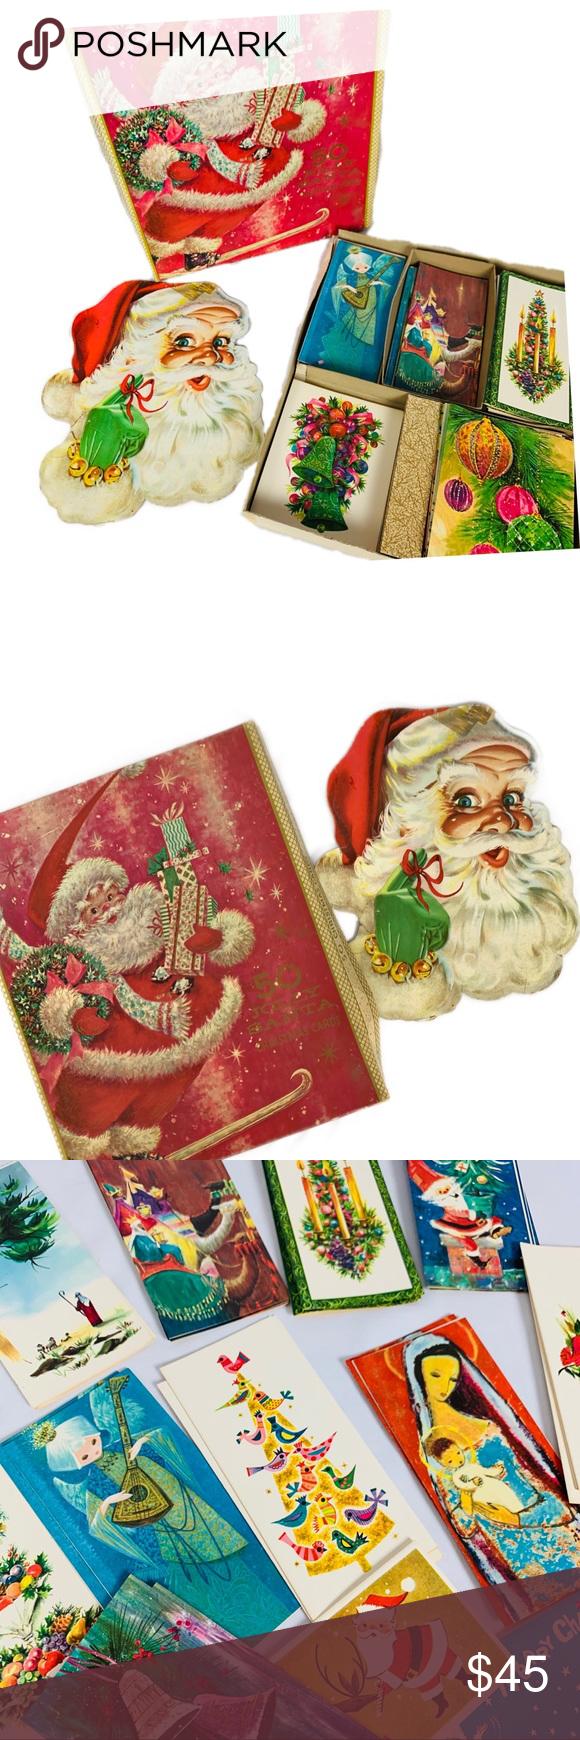 Vintage Unused 50 Christmas Card Box Set Christmas cards